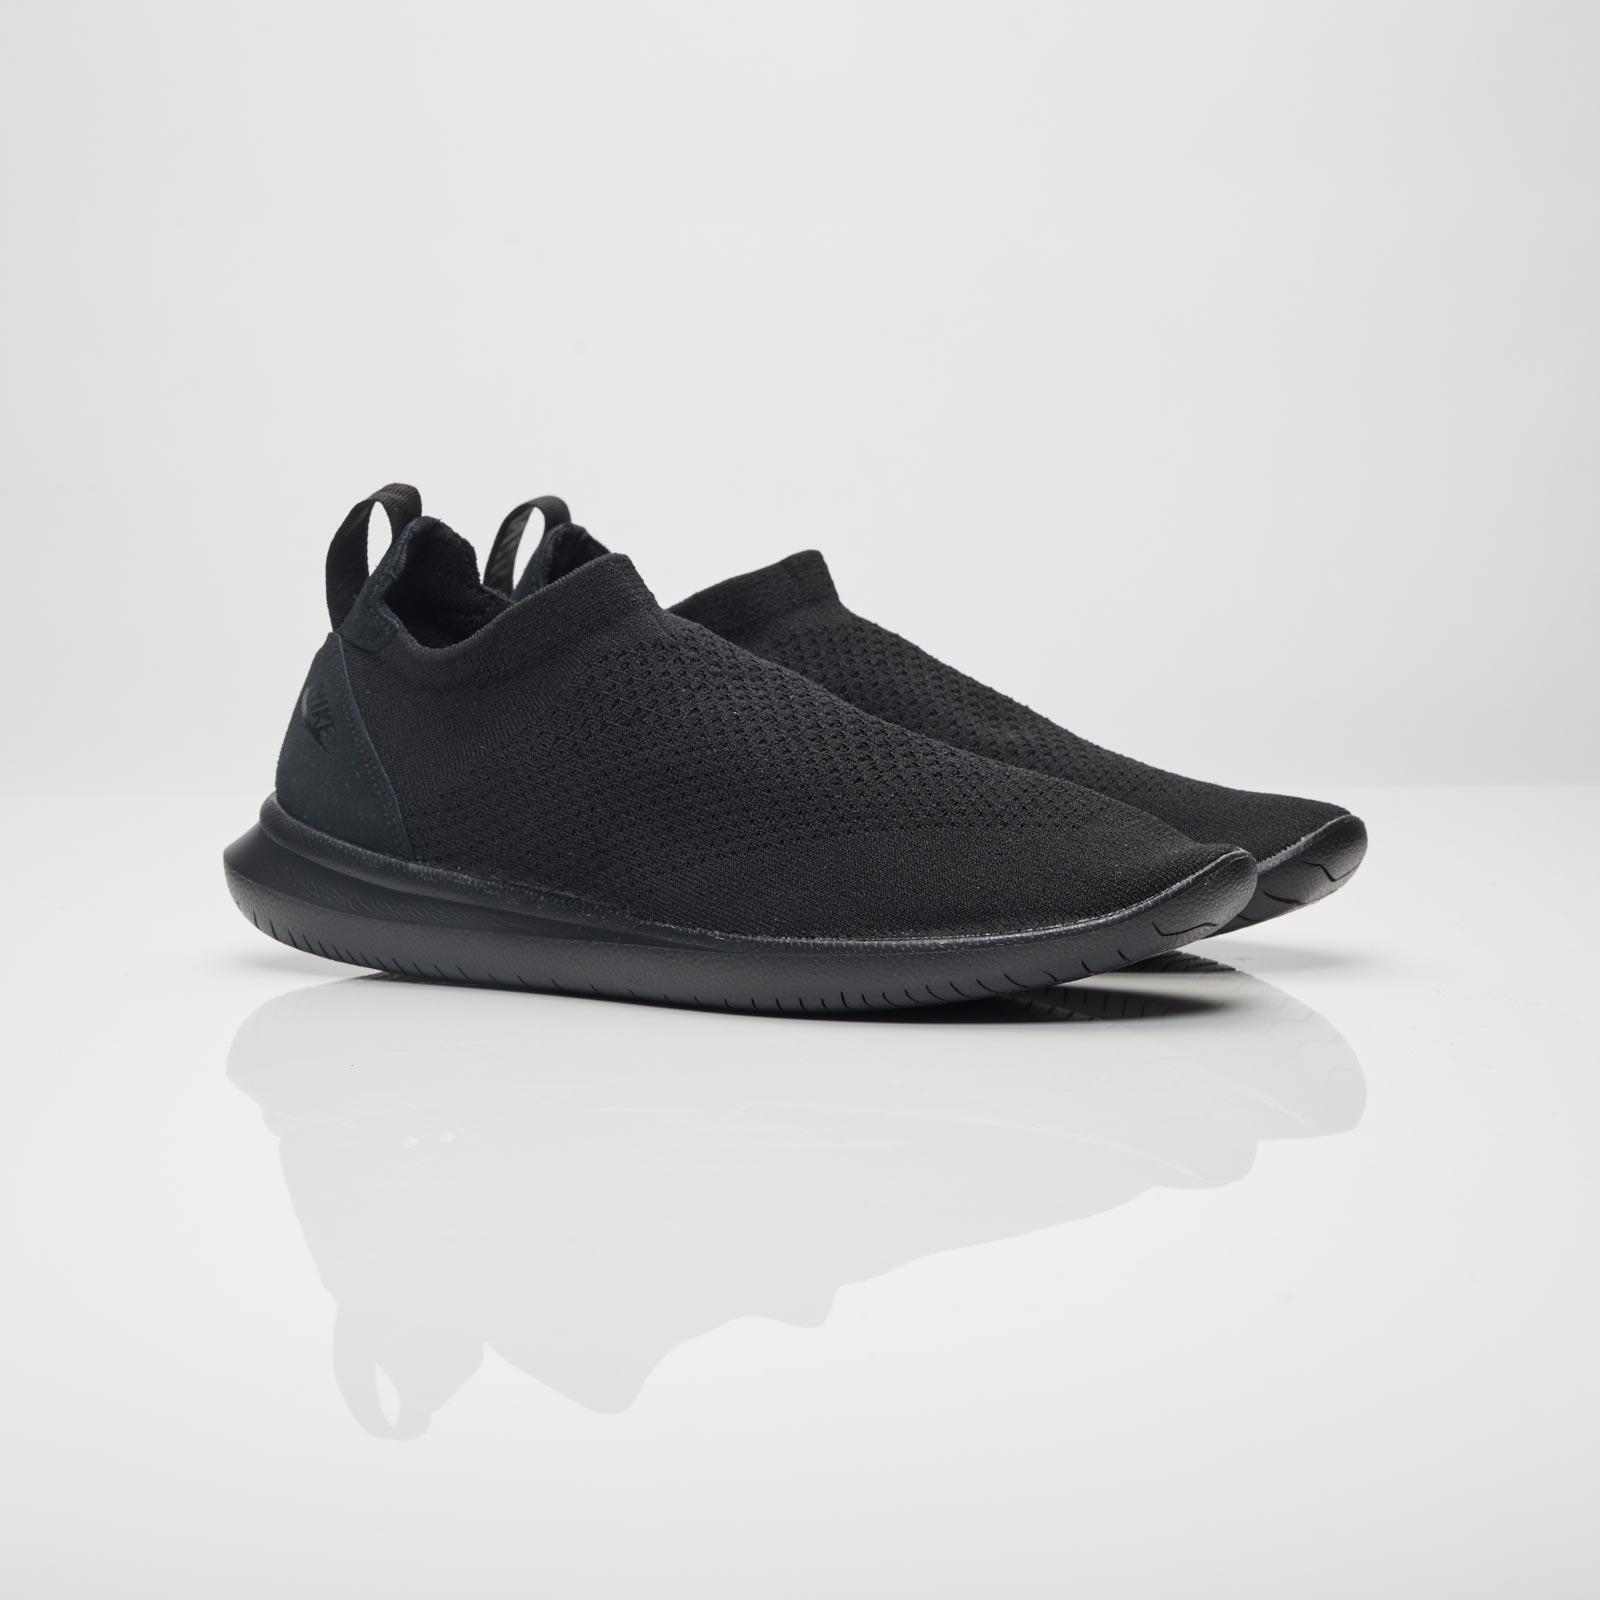 Velas Pisoteando Escribir  Nike Gakou Flyknit - Aa2018-002 - Sneakersnstuff   sneakers & streetwear  online since 1999